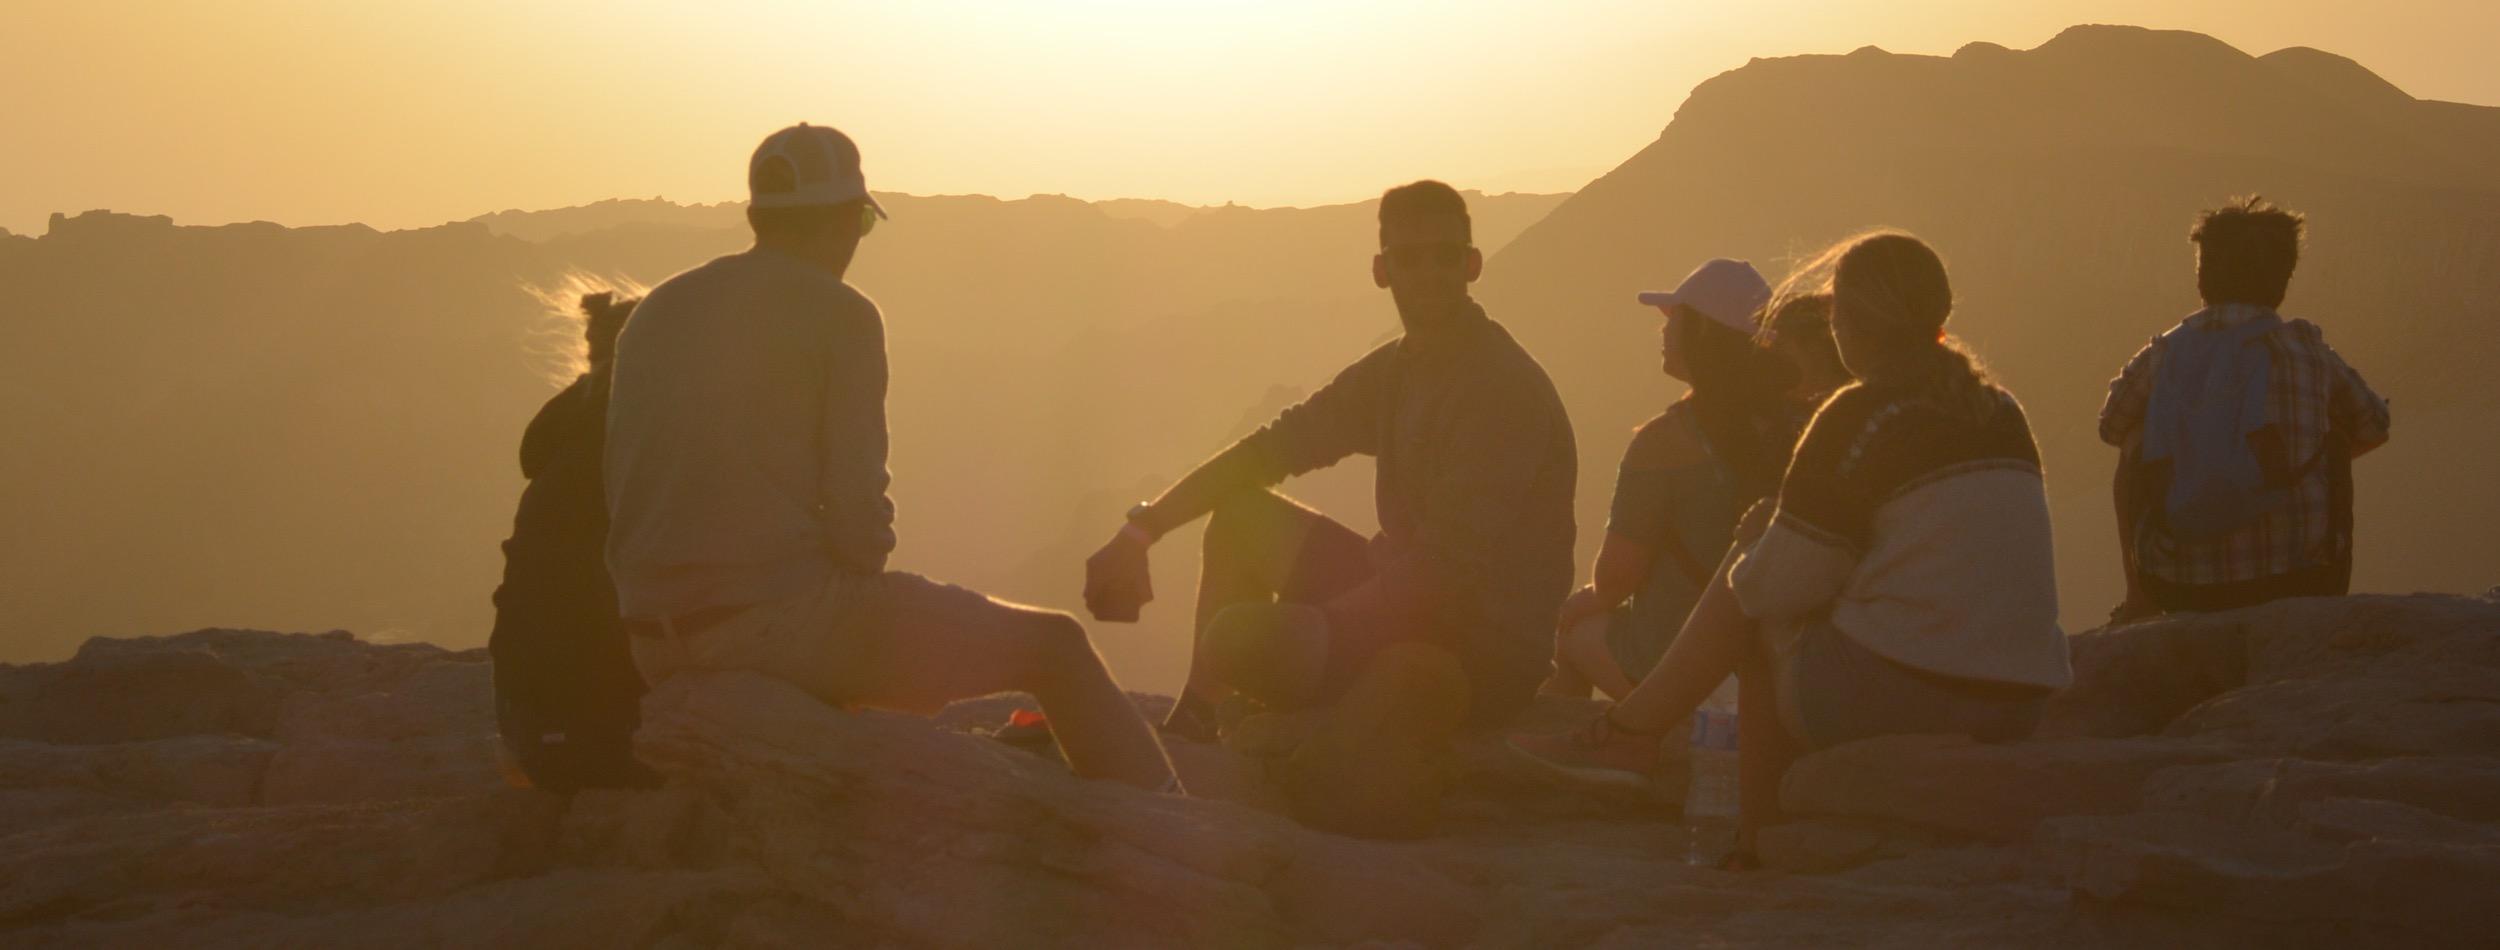 Groupe de personnes au coucher du soleil